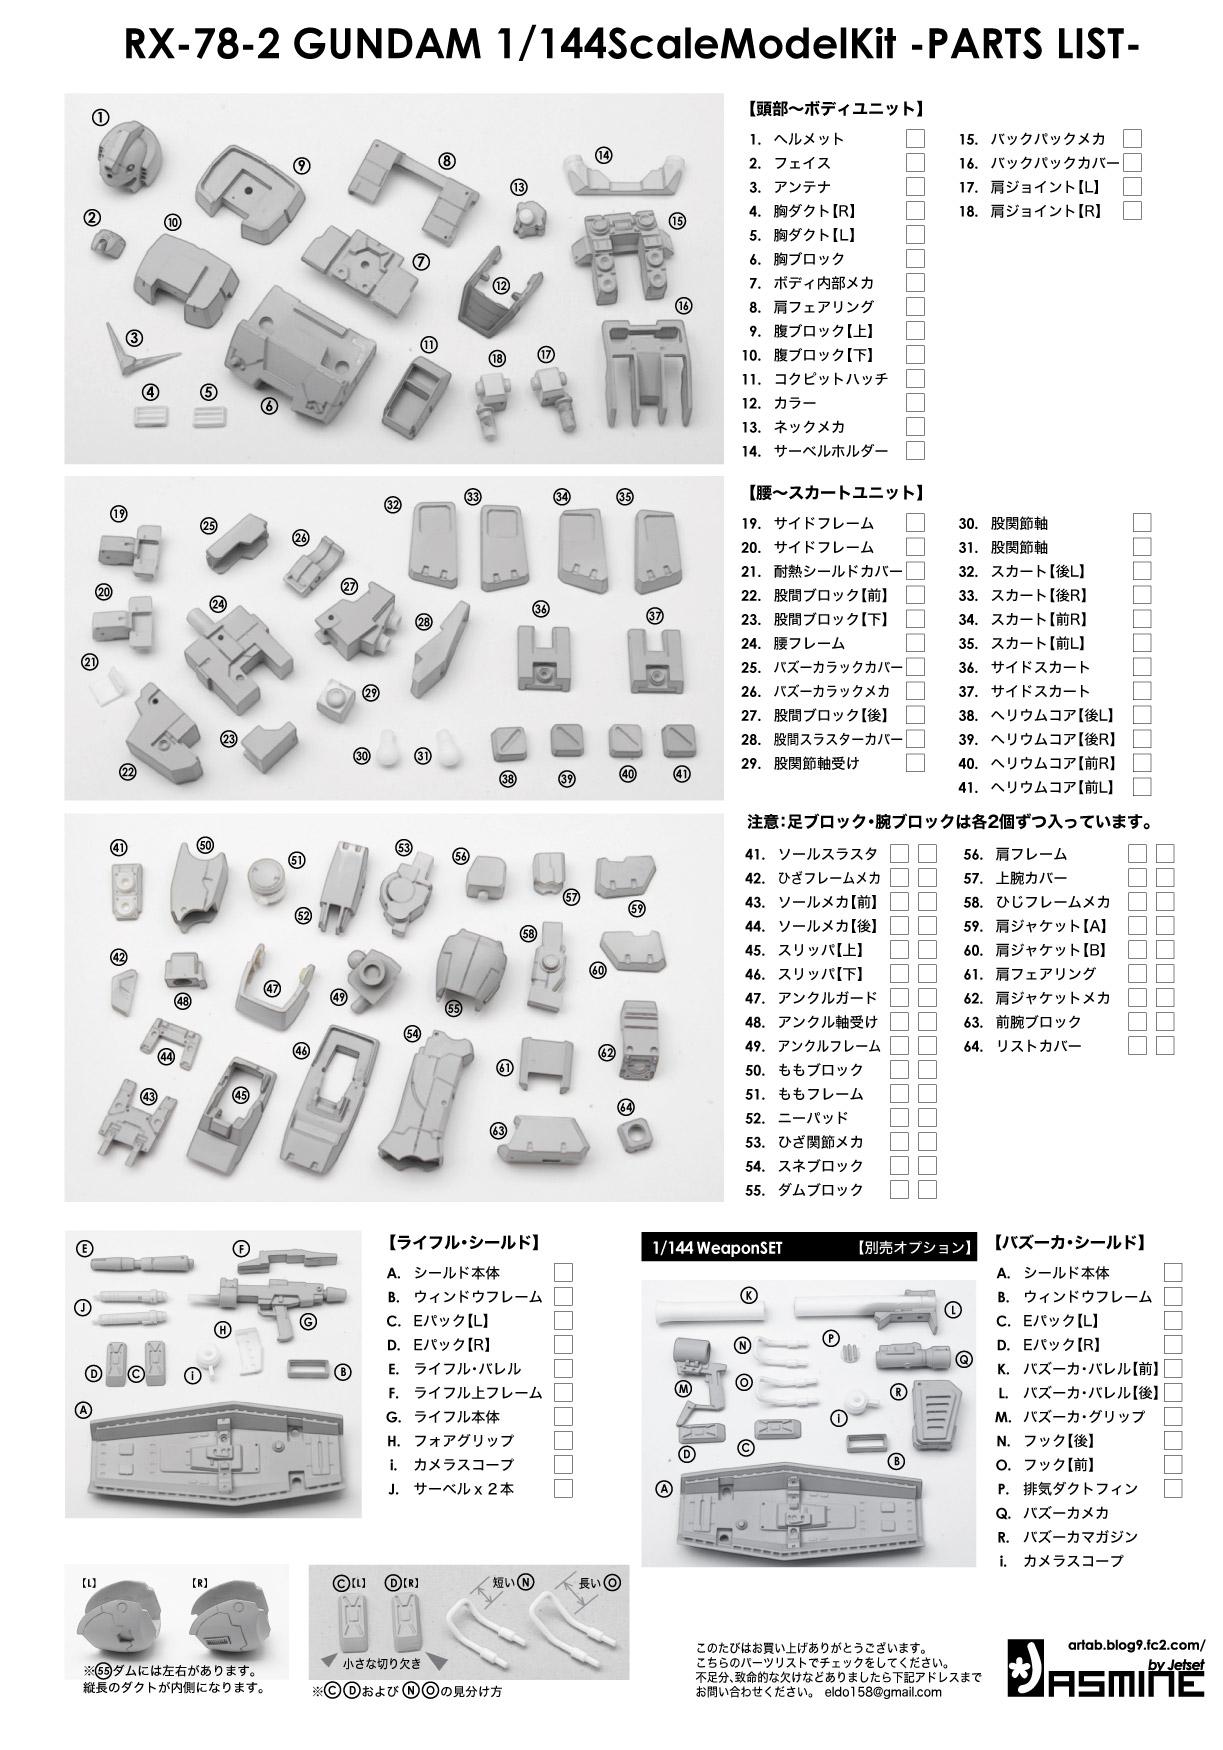 RX-78-2_GUNDAM_2012_PartsList_NEW.jpg